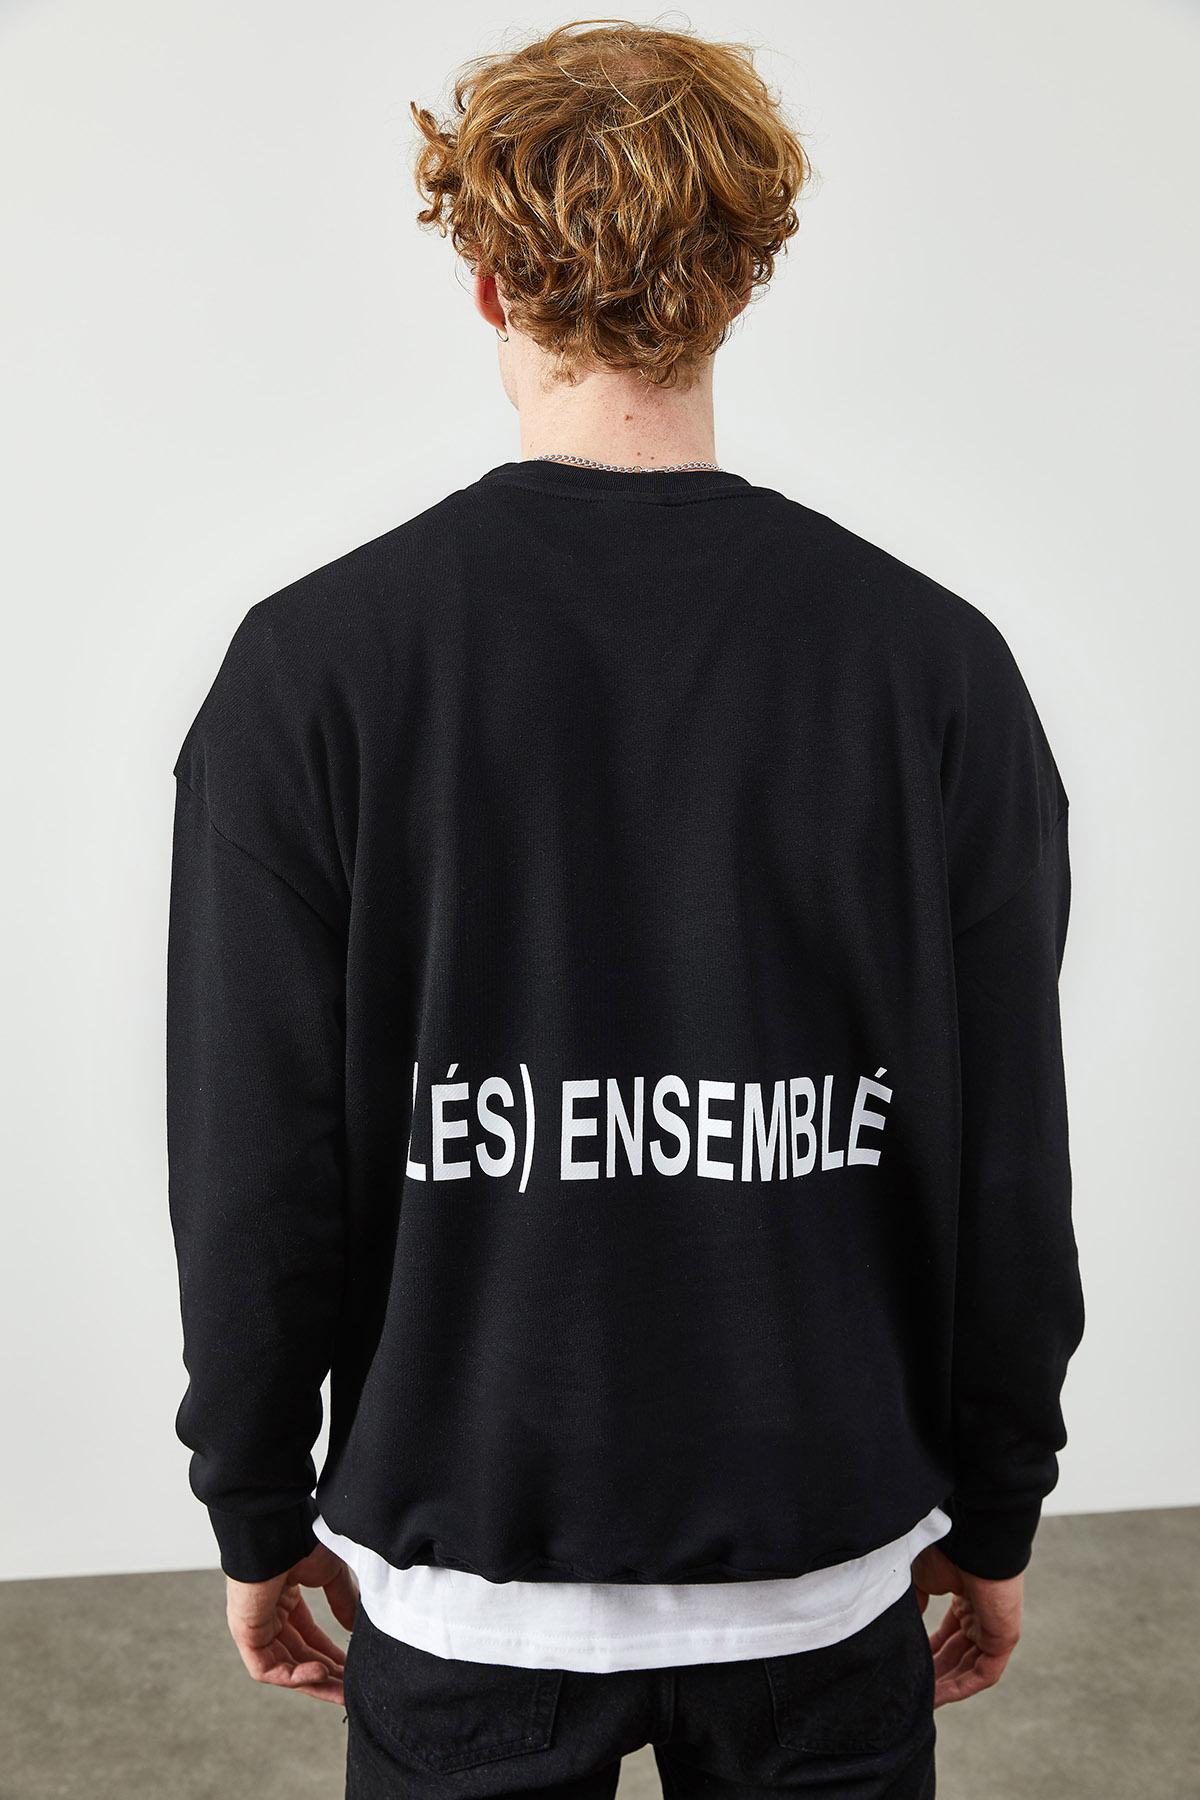 Siyah Arkası Baskı Detaylı Sweatshirt 2KXE8-45365-02